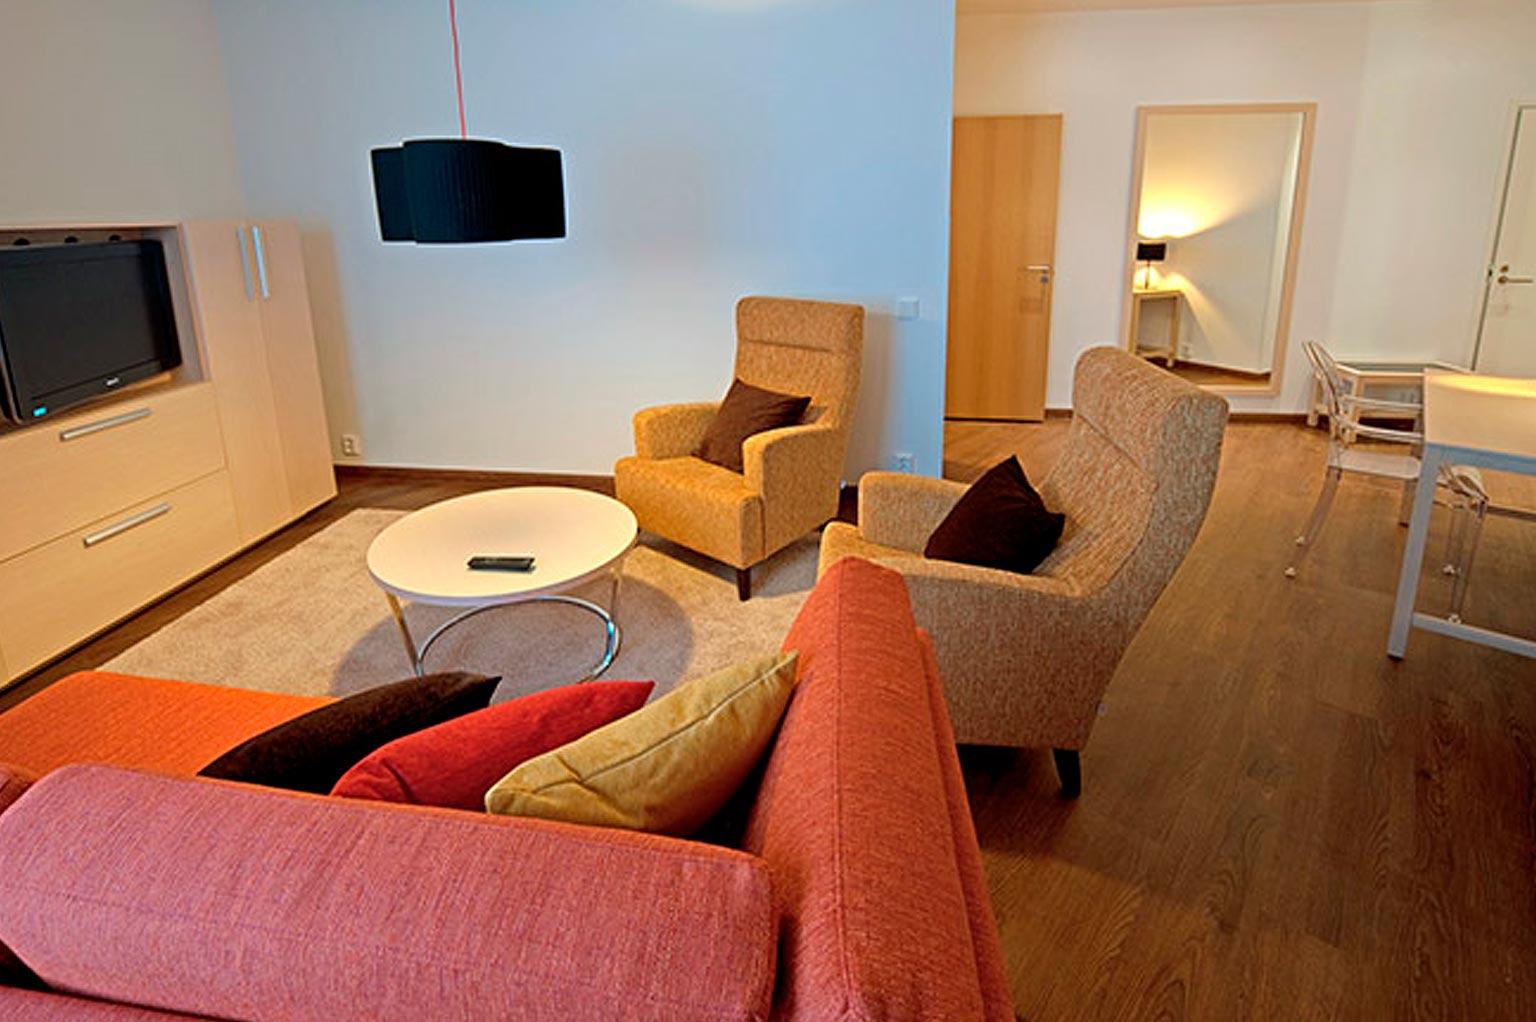 Deluxe-sviitti kahdella makuuhuoneella, Hotel Levi Panorama, Levi.